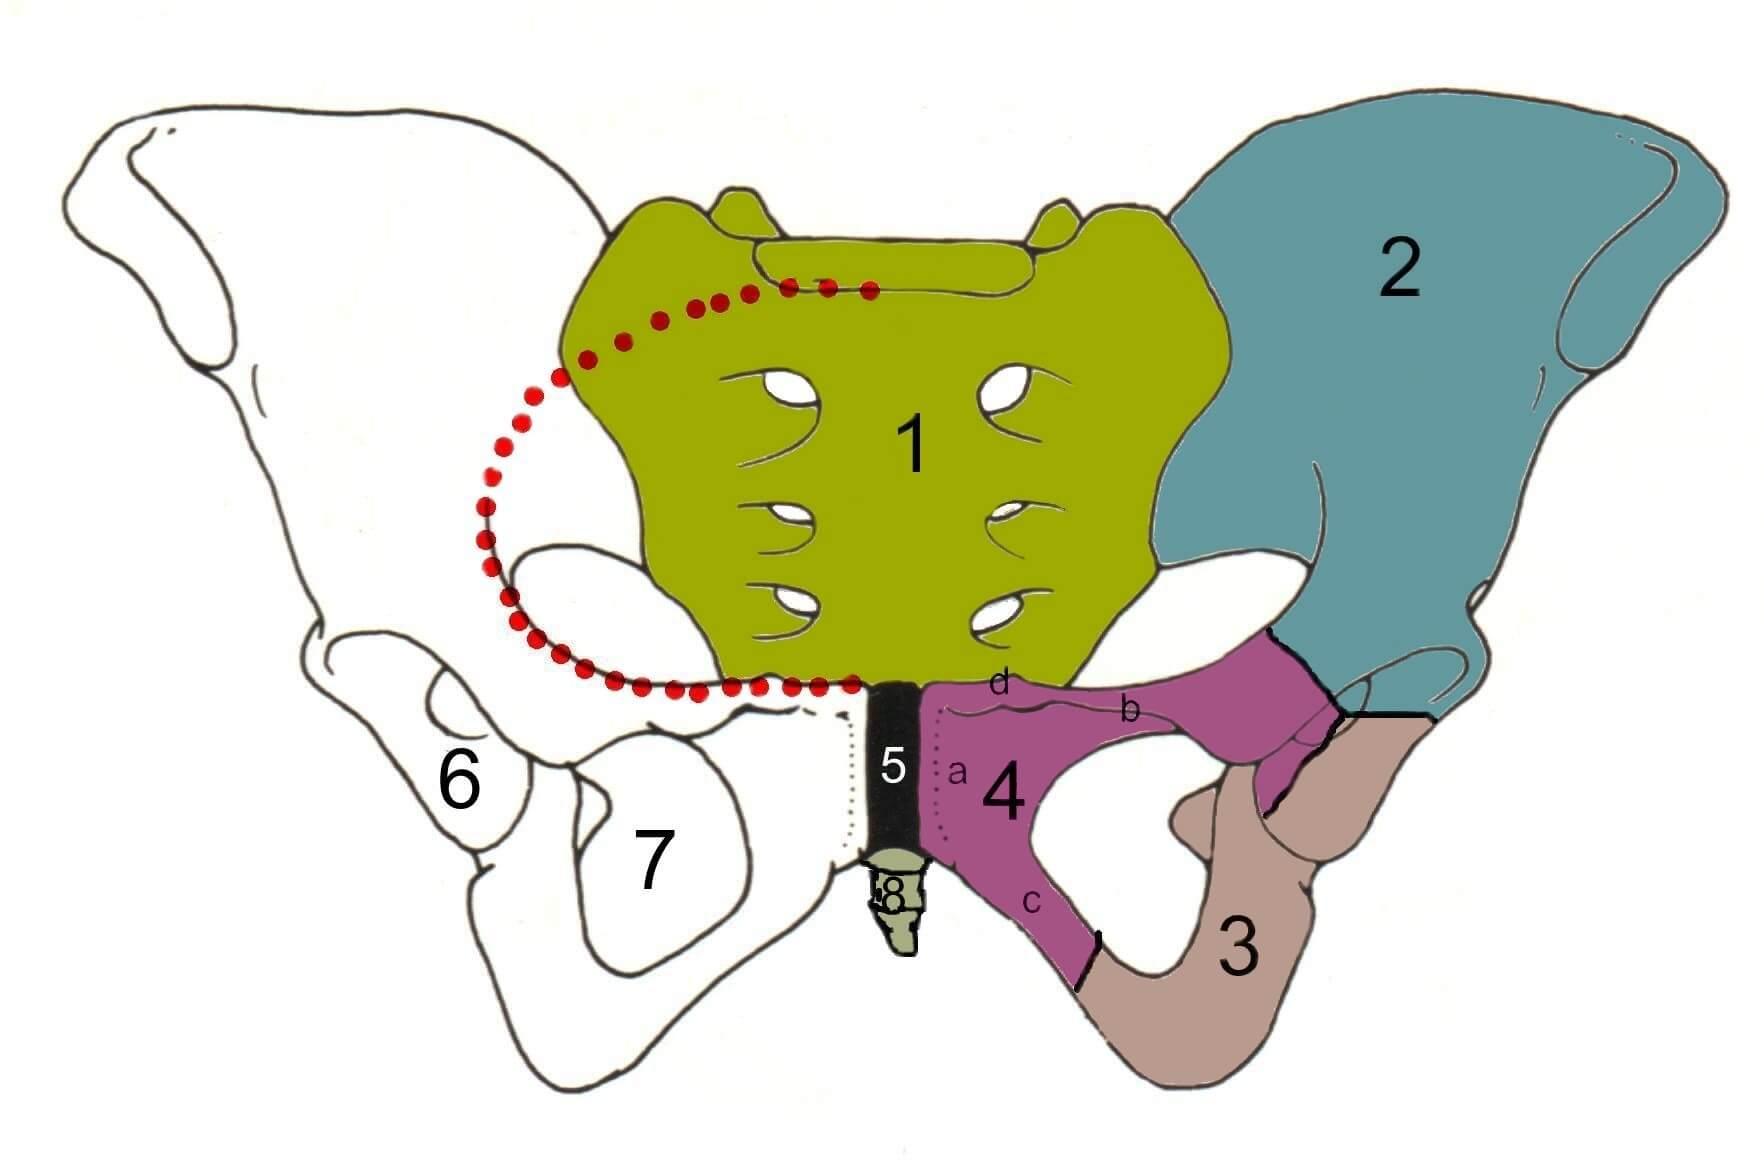 hoe span je de bekkenbodem aan? — jouw bekkentherapeut